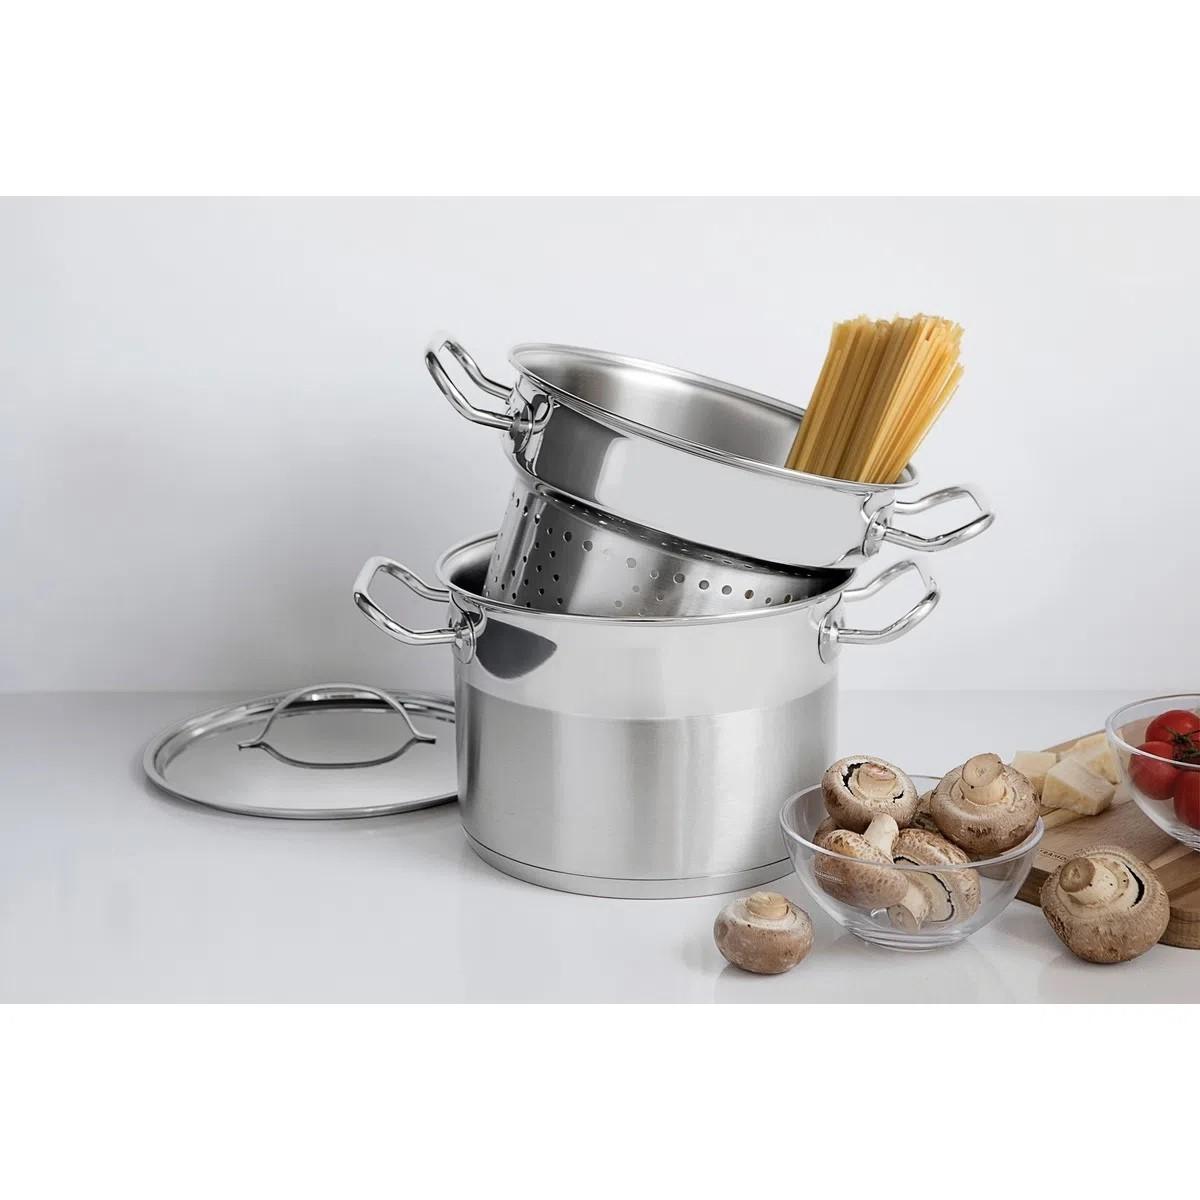 Jogo Cozi-Pasta Tramontina Inox Professional 24cm Com Tampa 2pcs  - Sua Casa Gourmet e Cia